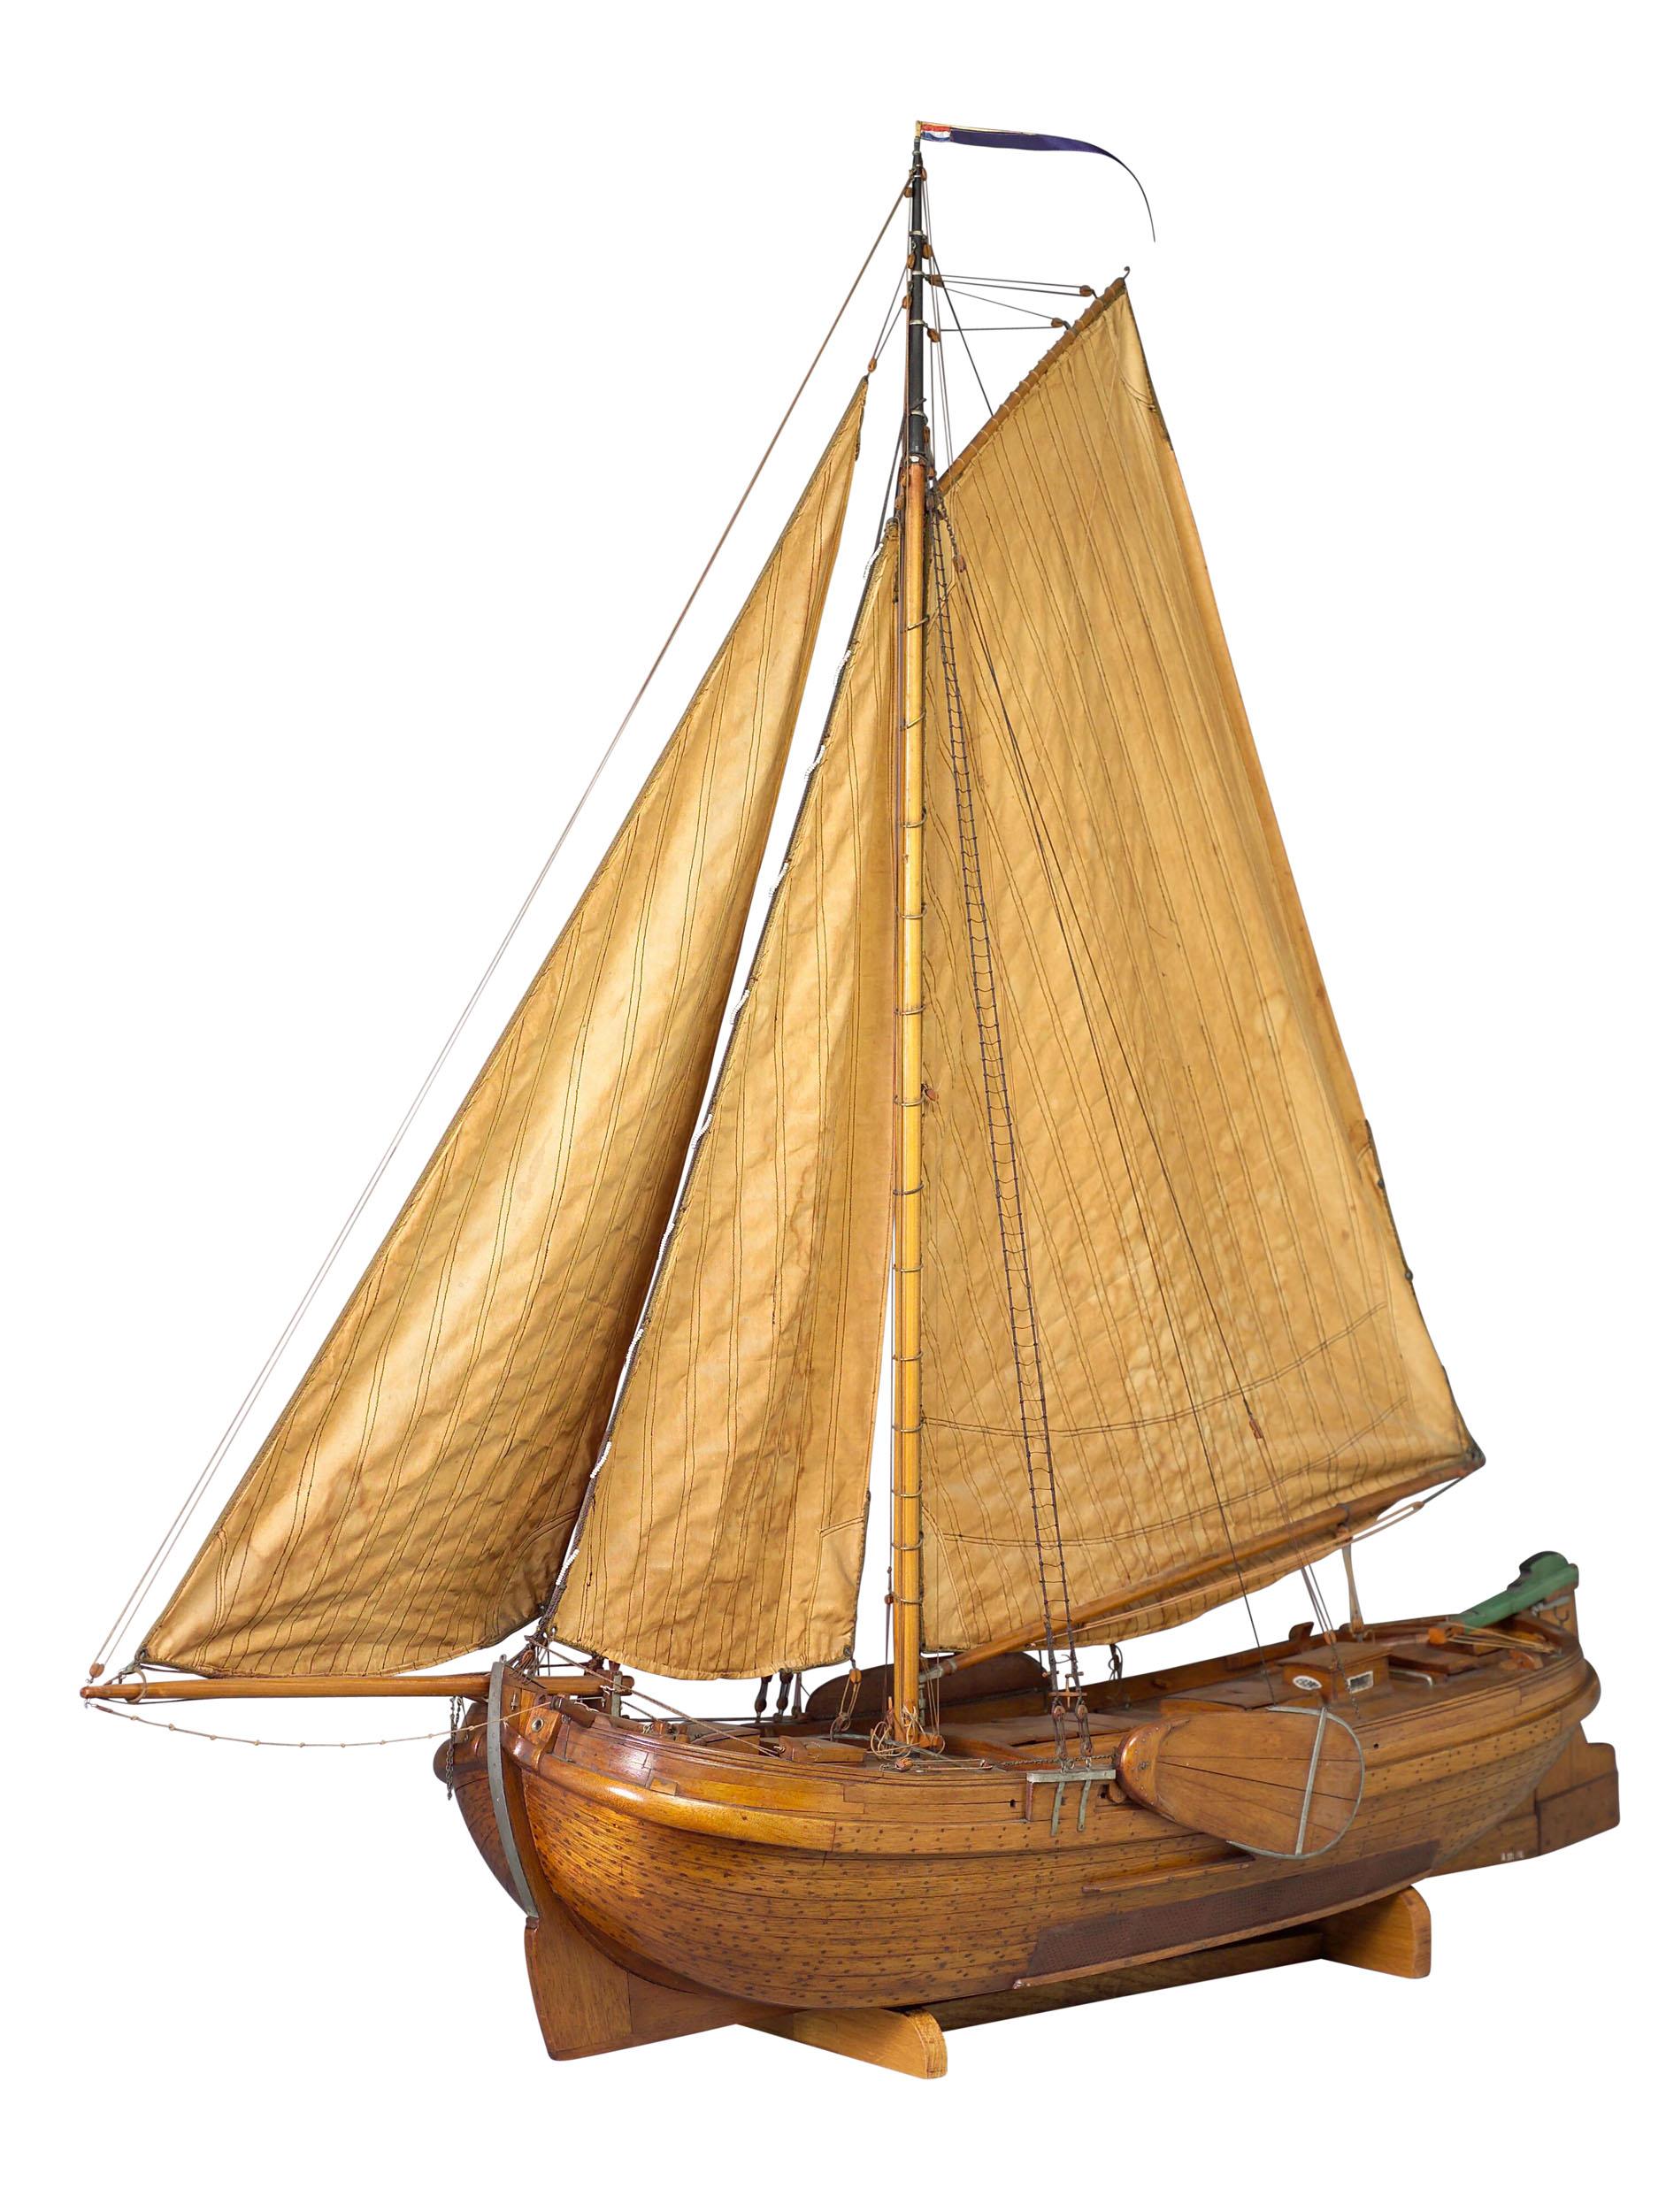 Getuigd model van de Friese palingaak De Vrouw Dieuwke